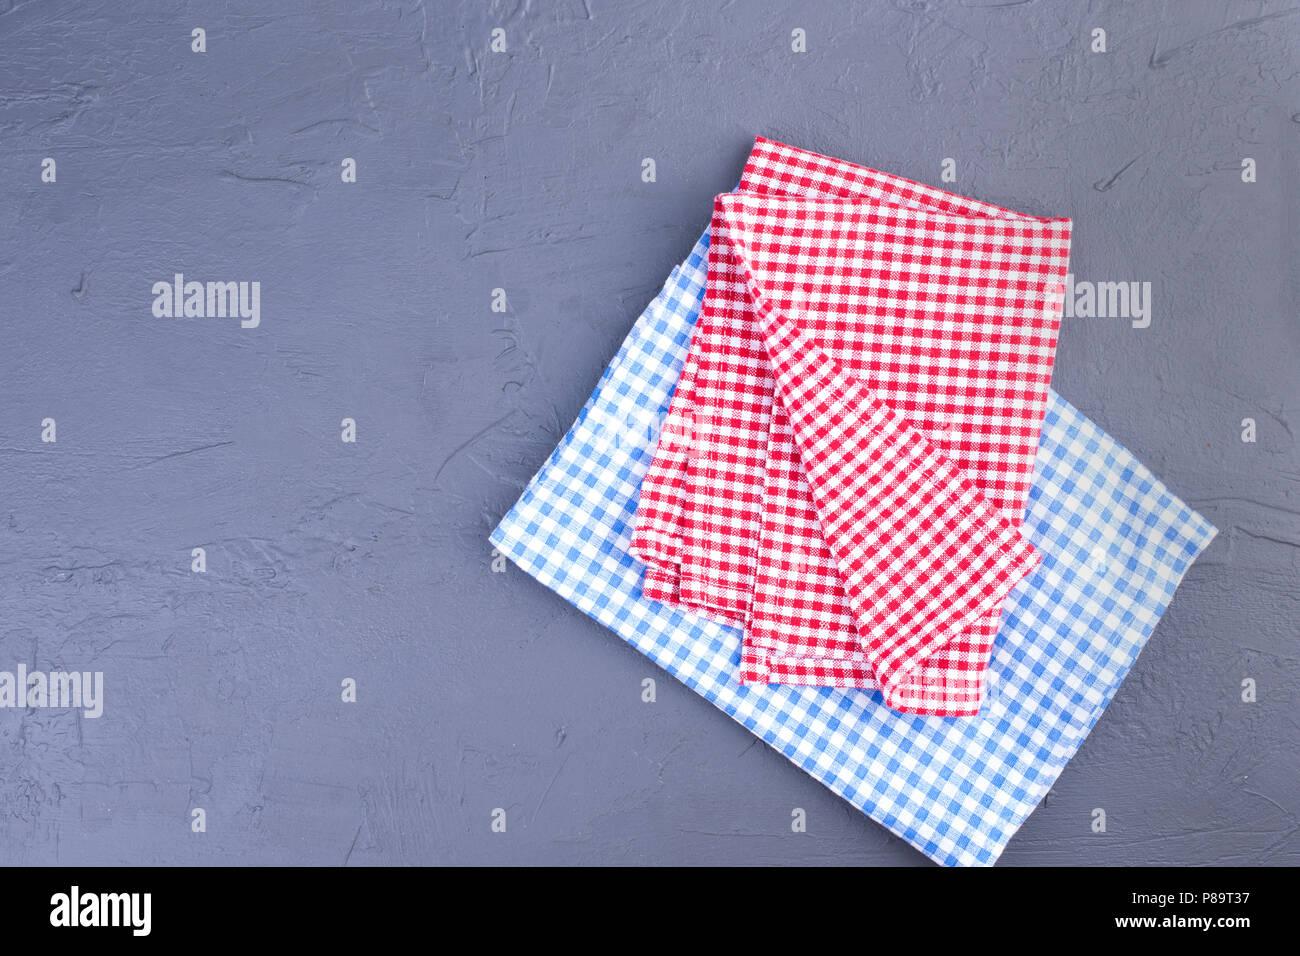 Häufig Auf dem Tisch, in einer roten und blauen Käfig. Tisch reinigen TQ86